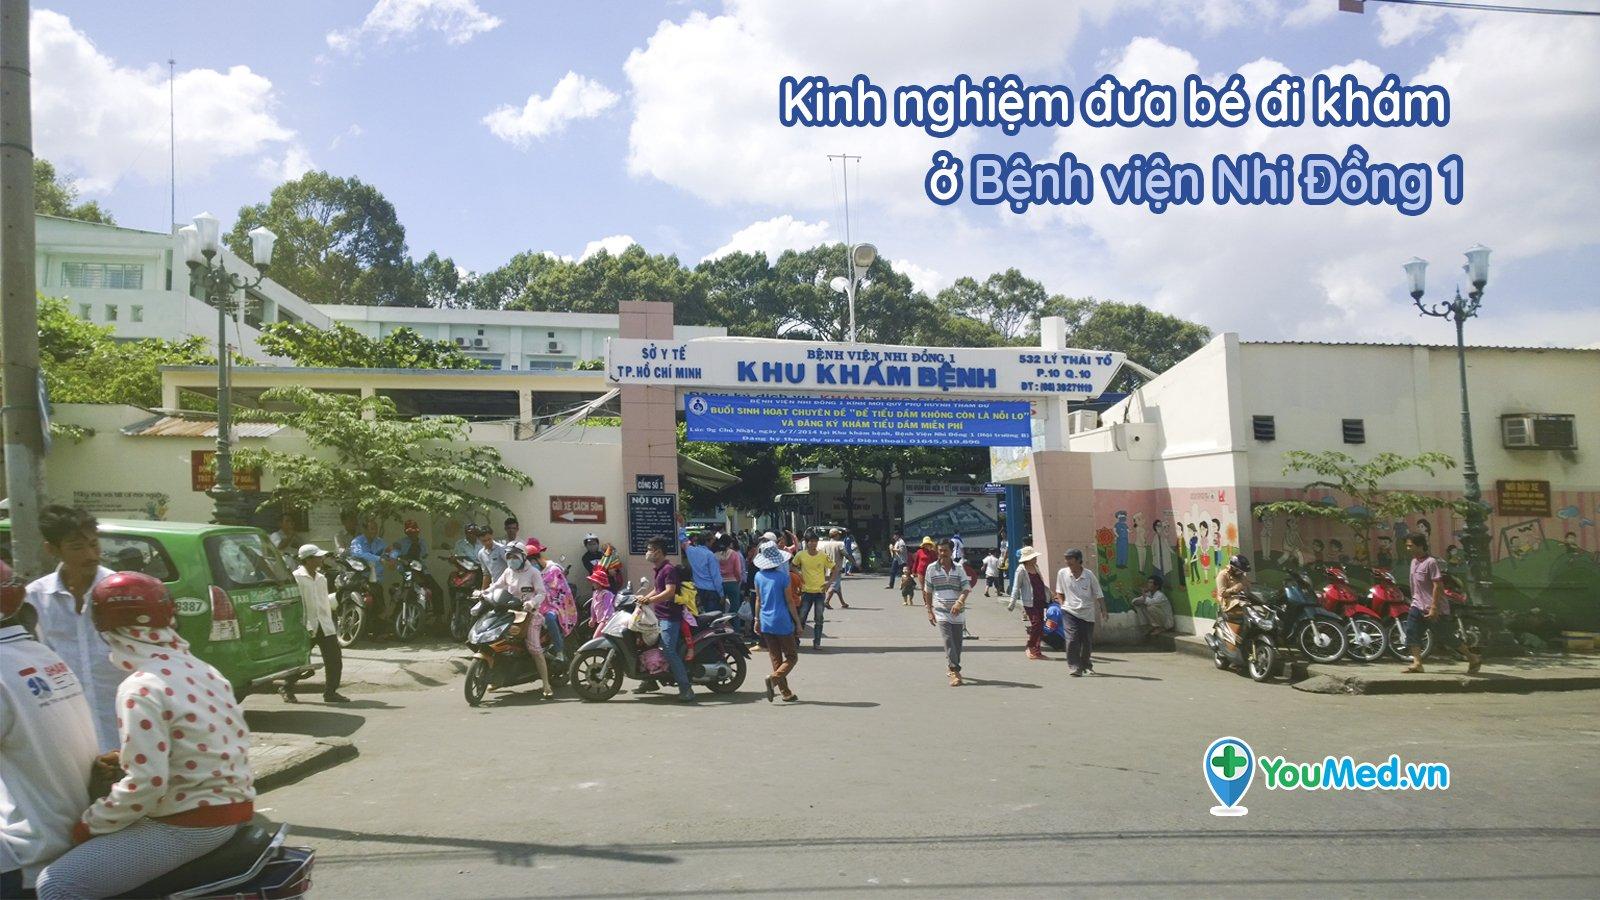 Kinh nghiệm đưa bé đi khám ở bệnh viện Nhi Đồng 1